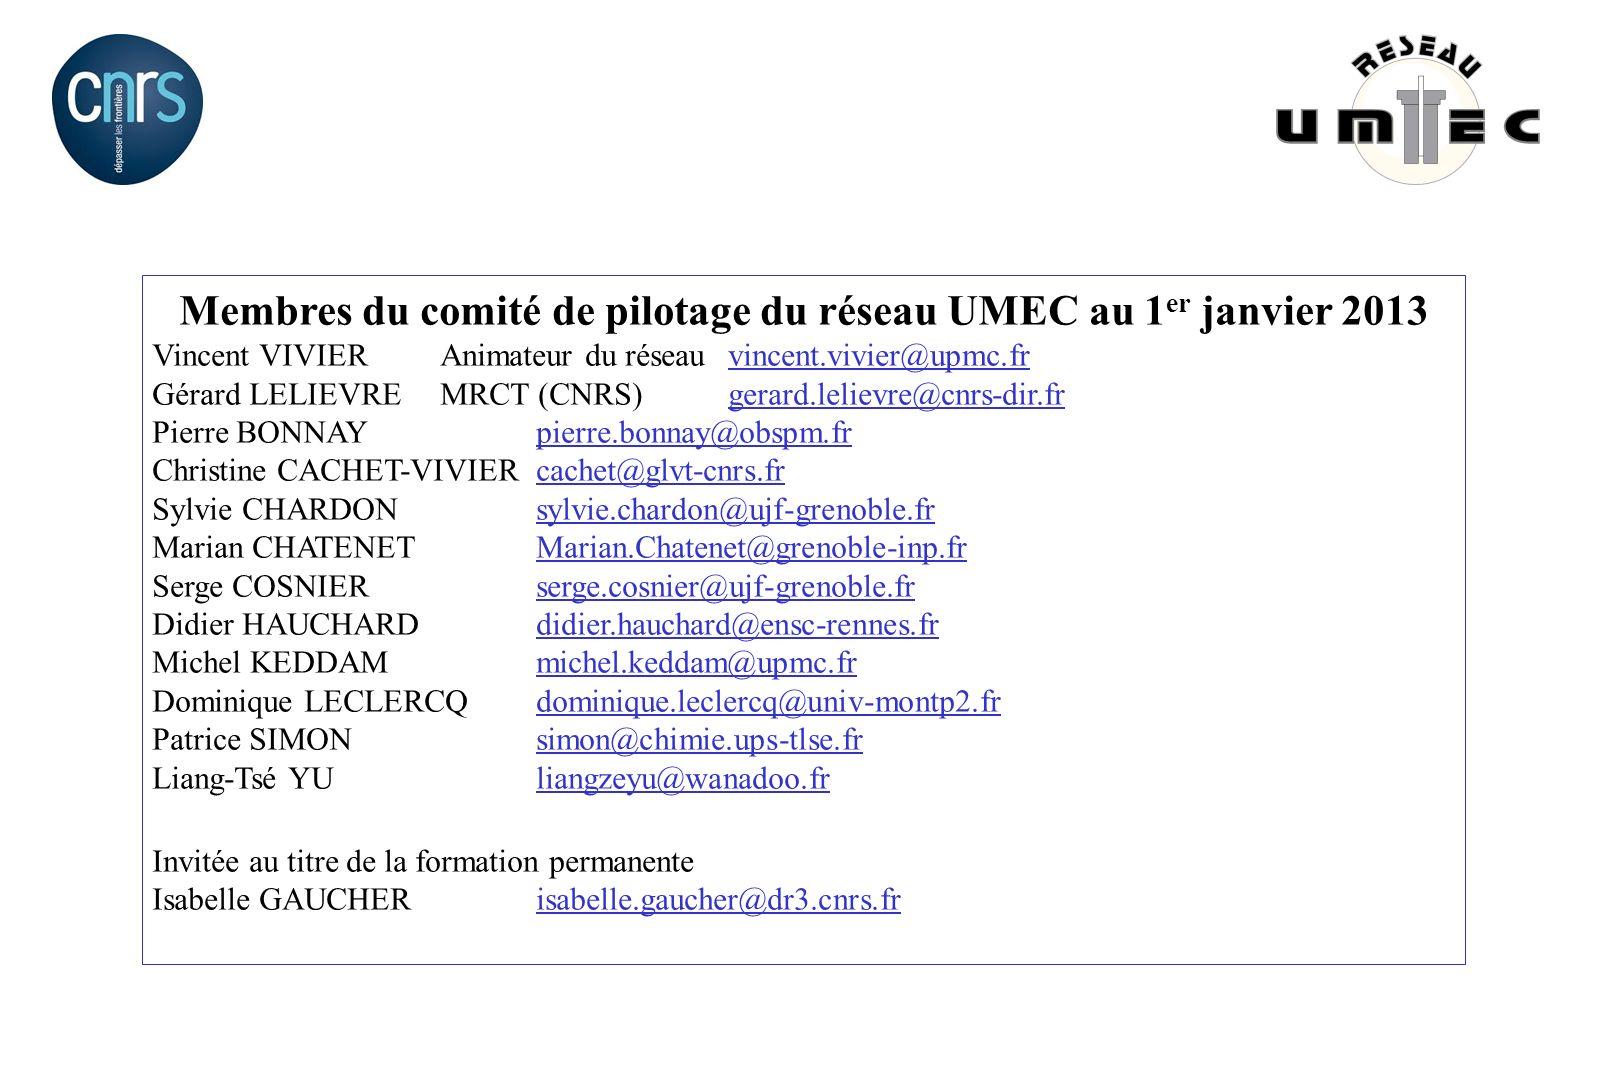 Membres du comité de pilotage du réseau UMEC au 1 er janvier 2013 Vincent VIVIERAnimateur du réseauvincent.vivier@upmc.frvincent.vivier@upmc.fr Gérard